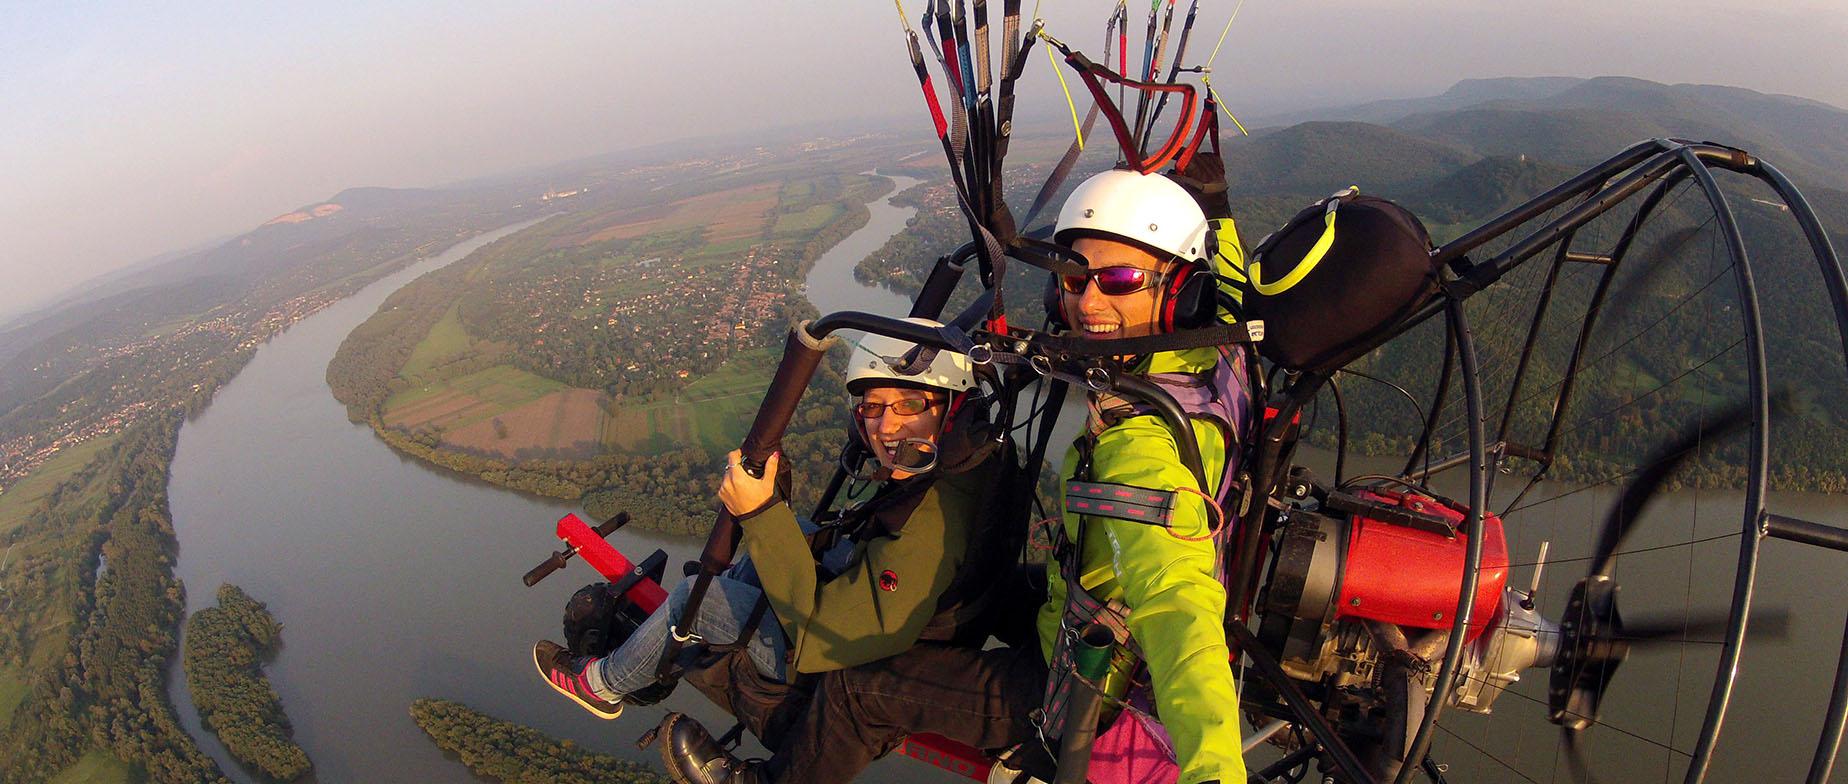 Motoros siklóernyőzés a Dunakanyarban,kamerafelvétellel